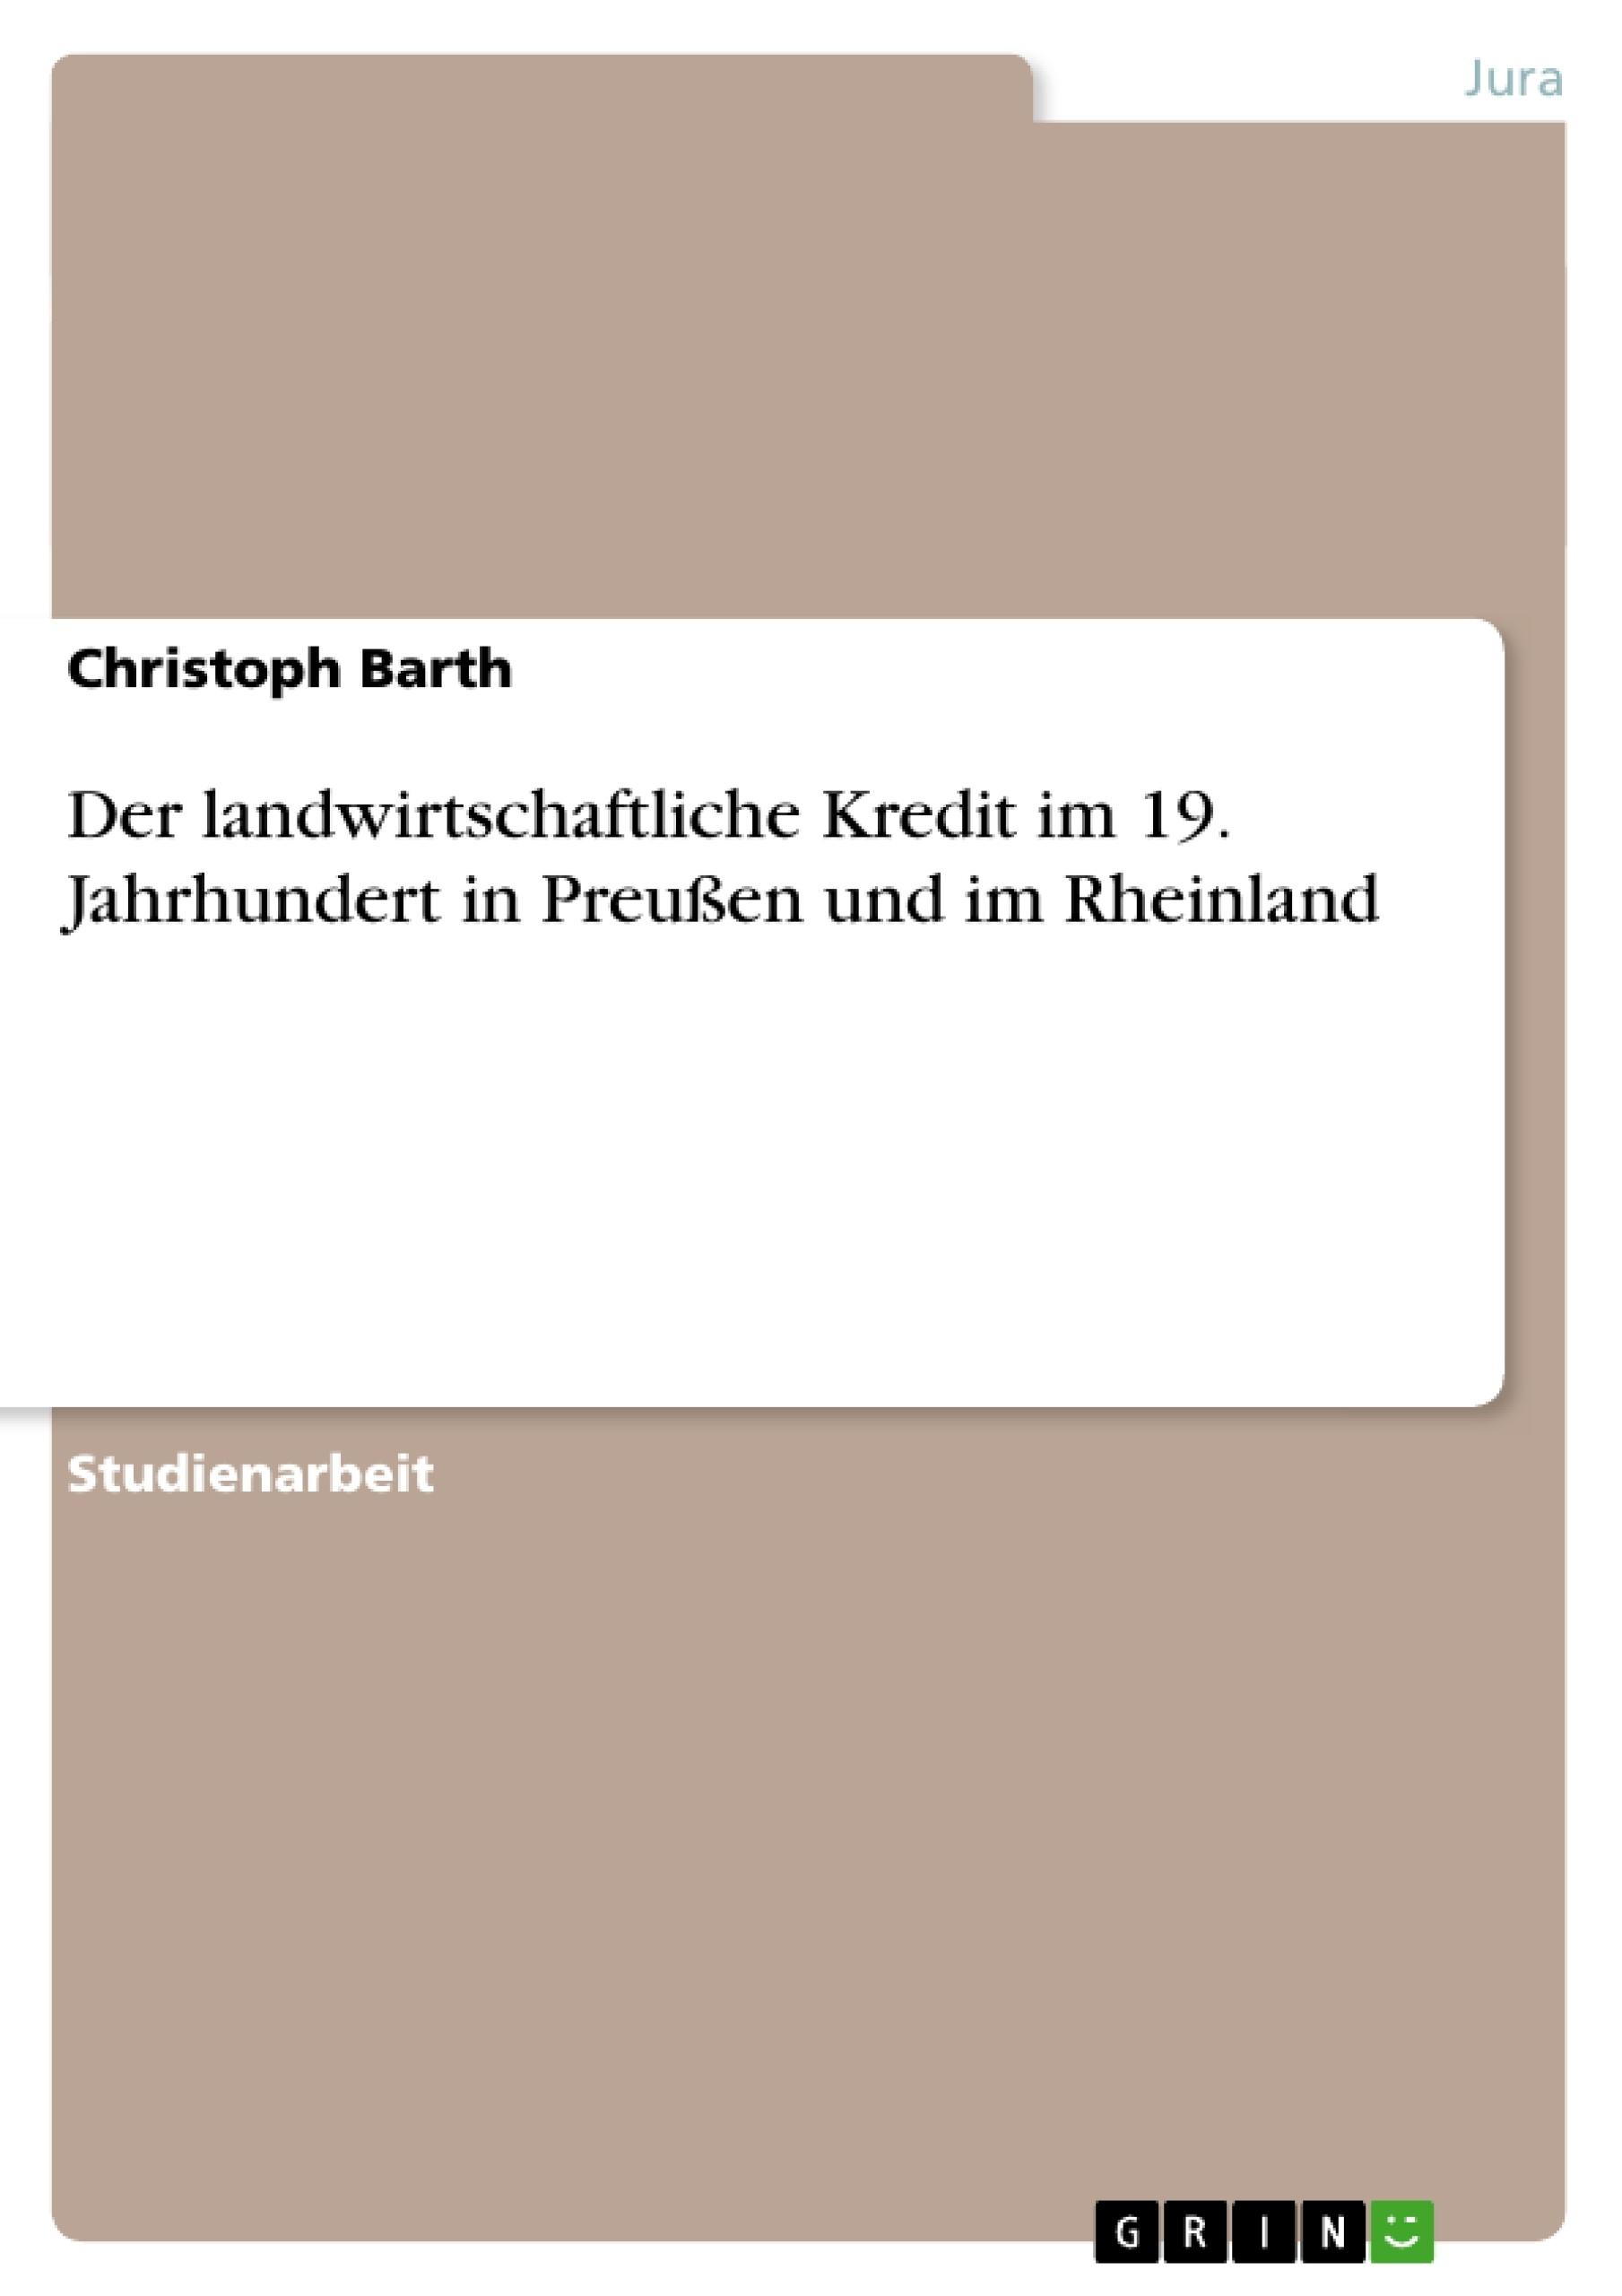 Titel: Der landwirtschaftliche Kredit im 19. Jahrhundert in Preußen und im Rheinland